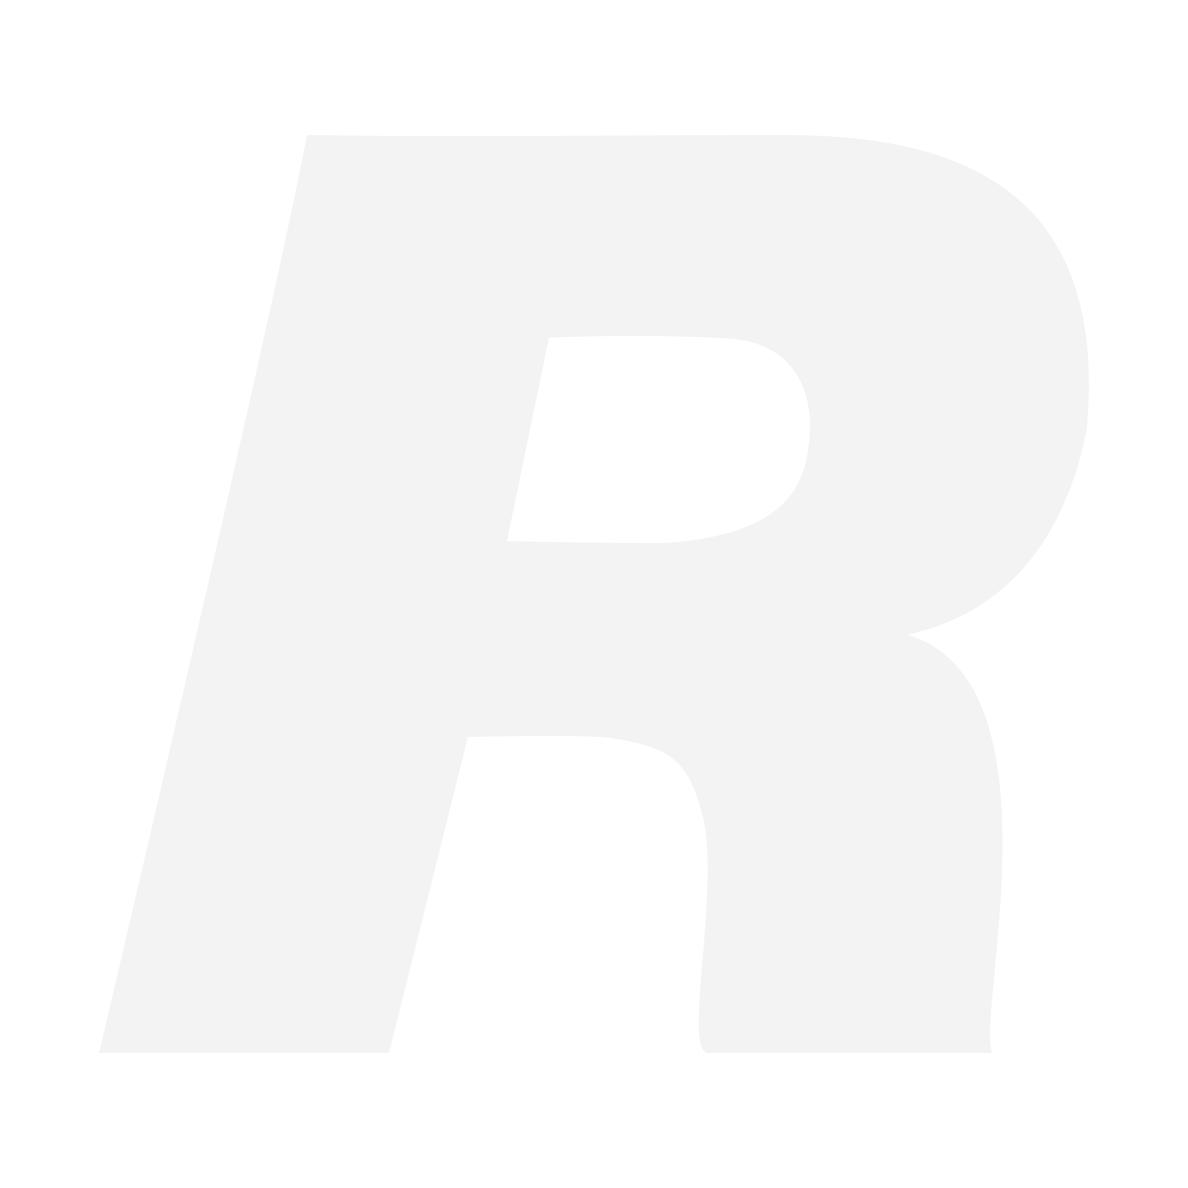 AURORA 2X RCA STEREO 10M